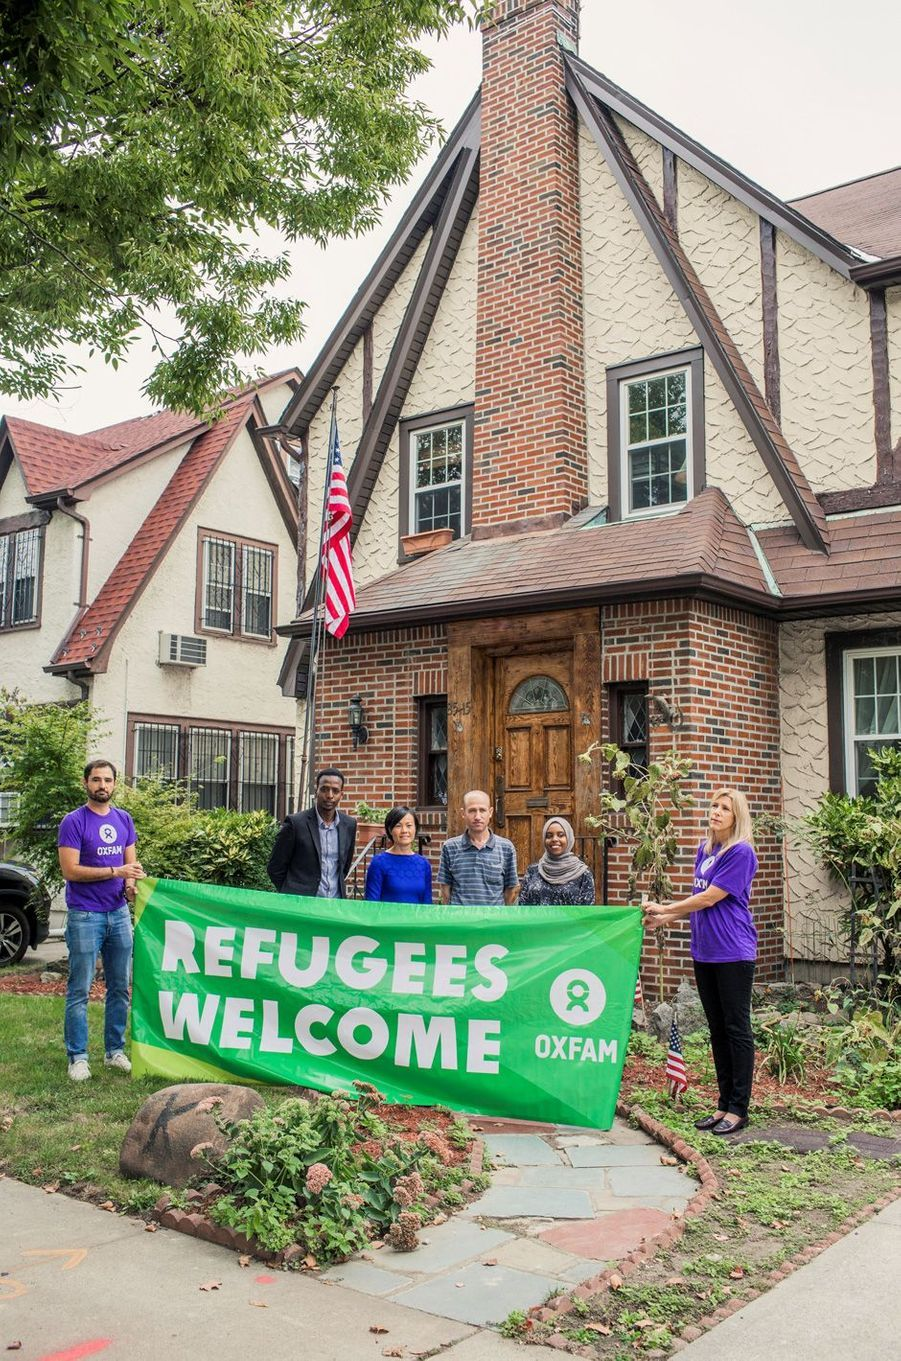 oxfam accueille des r fugi s dans la maison d 39 enfance de donald trump. Black Bedroom Furniture Sets. Home Design Ideas